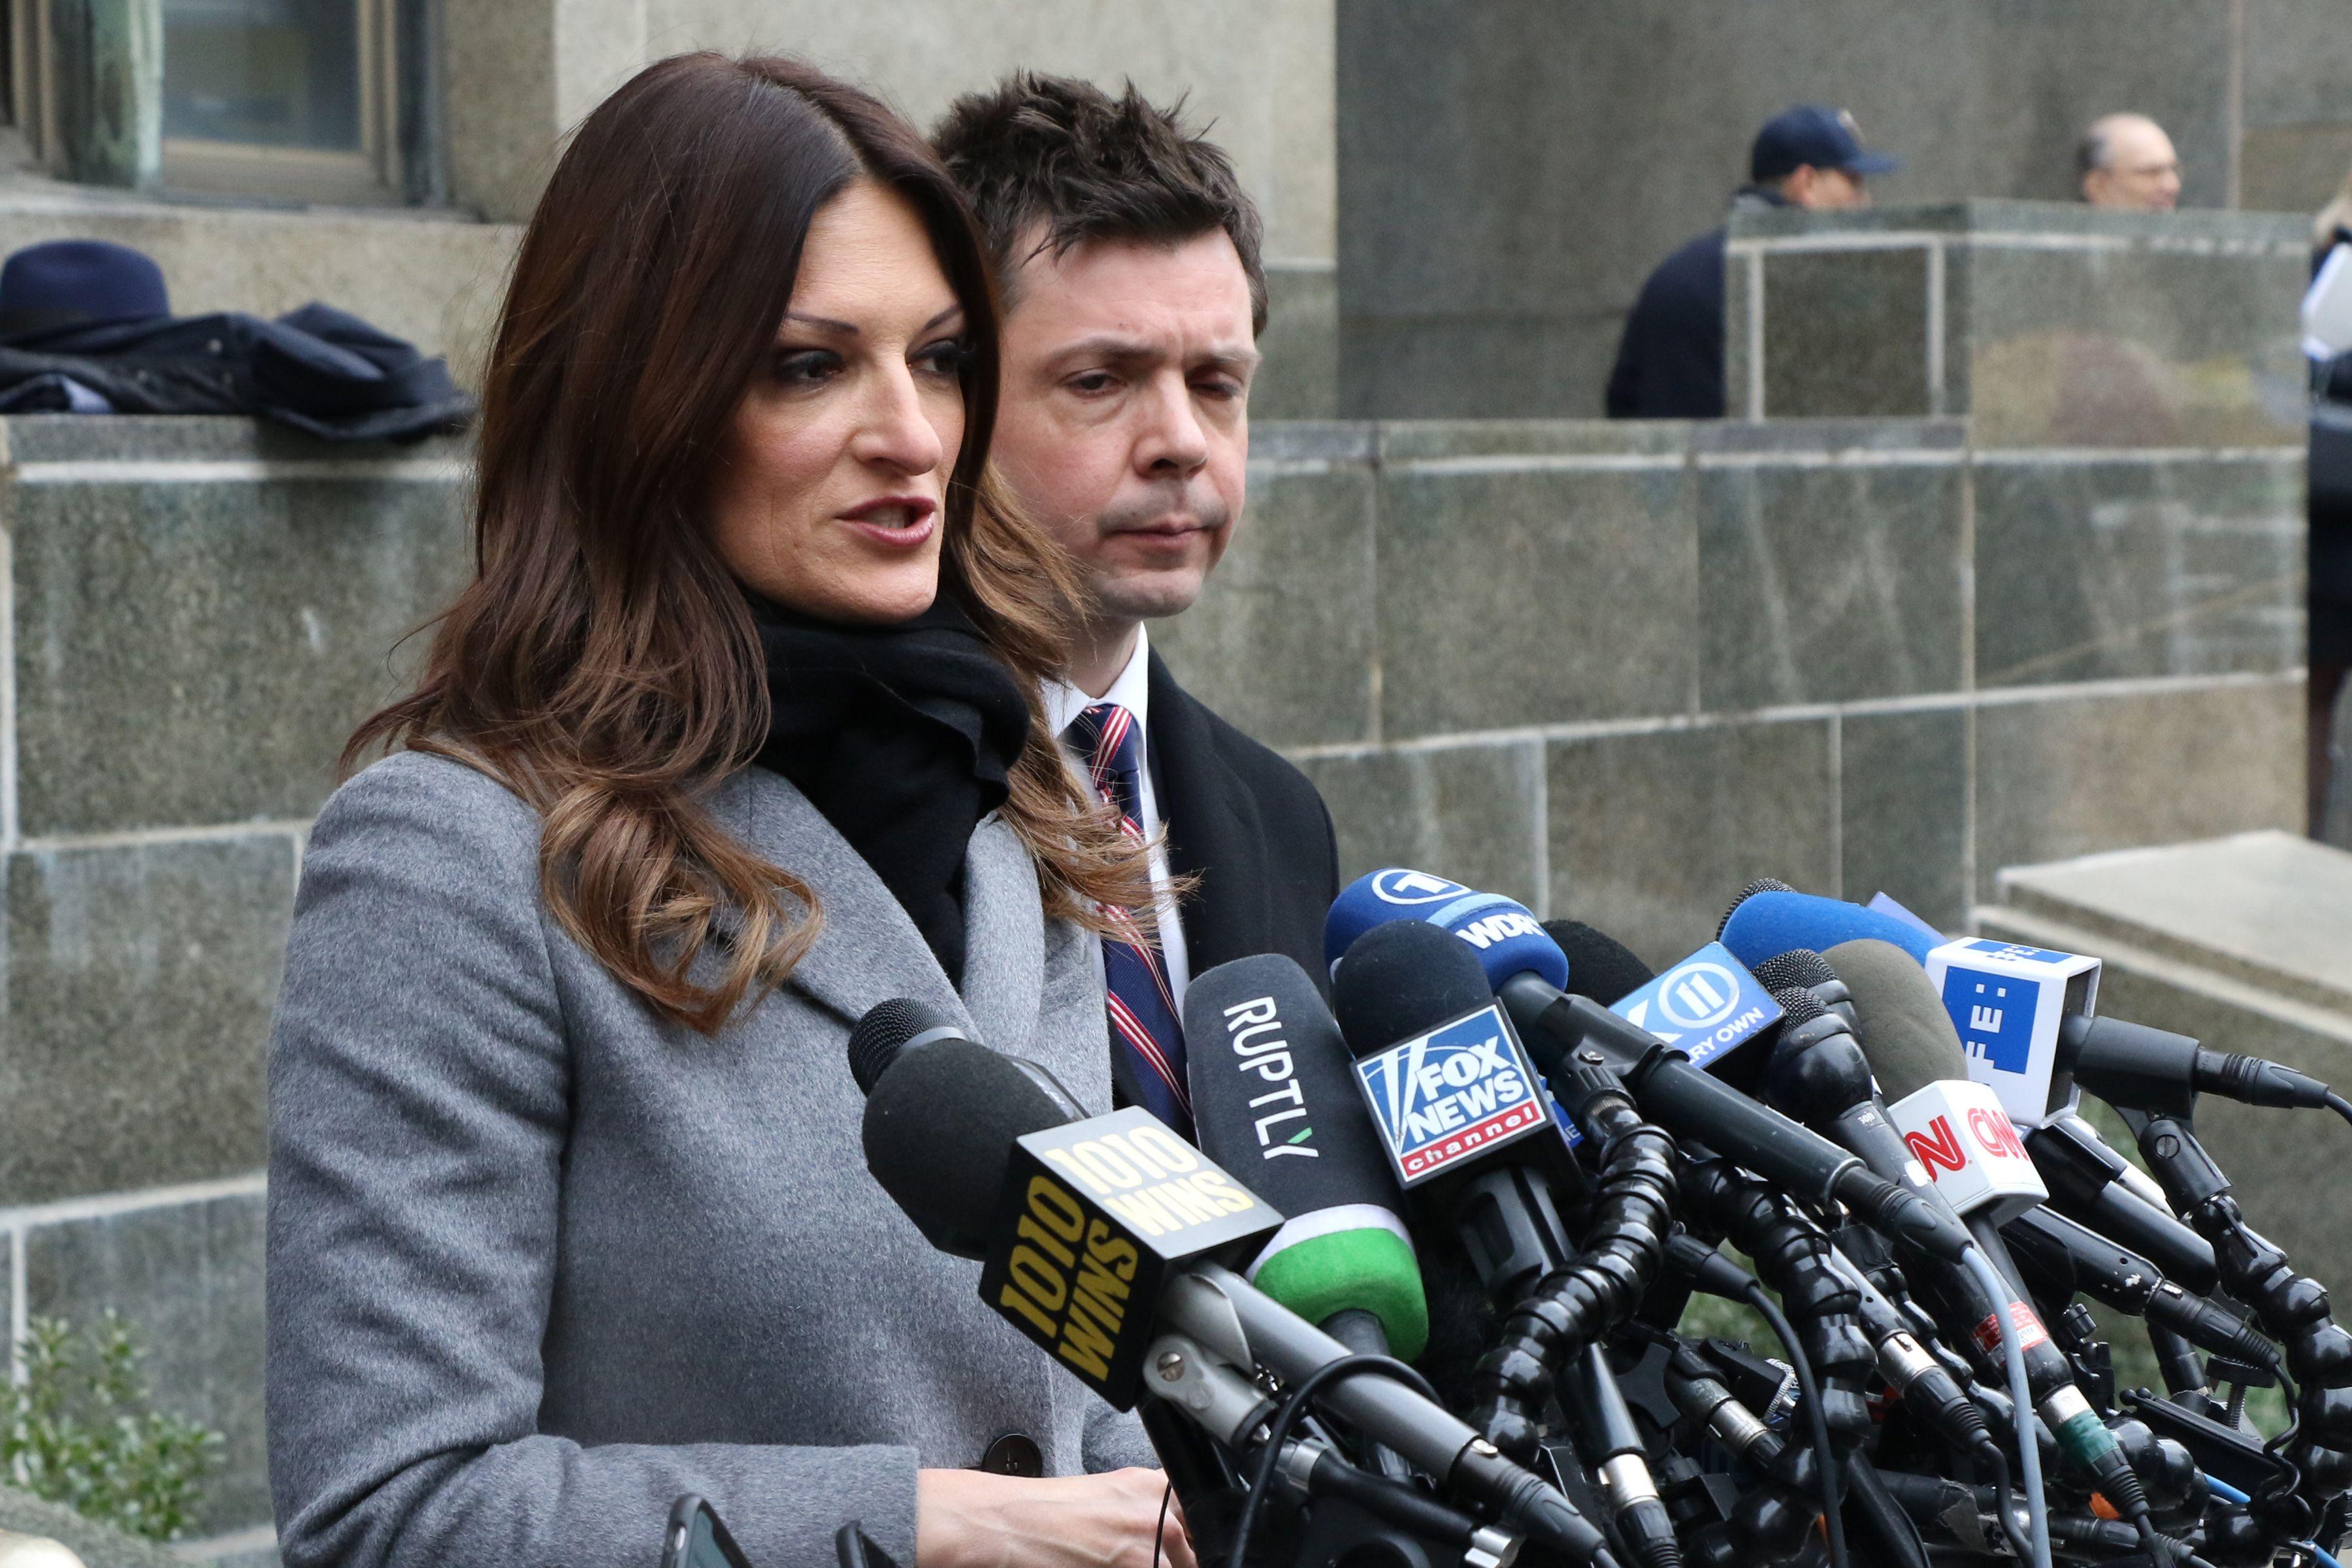 Donna RotunnoHarvey Weinstein court hearing, New York, USA - 06 Jan 2020